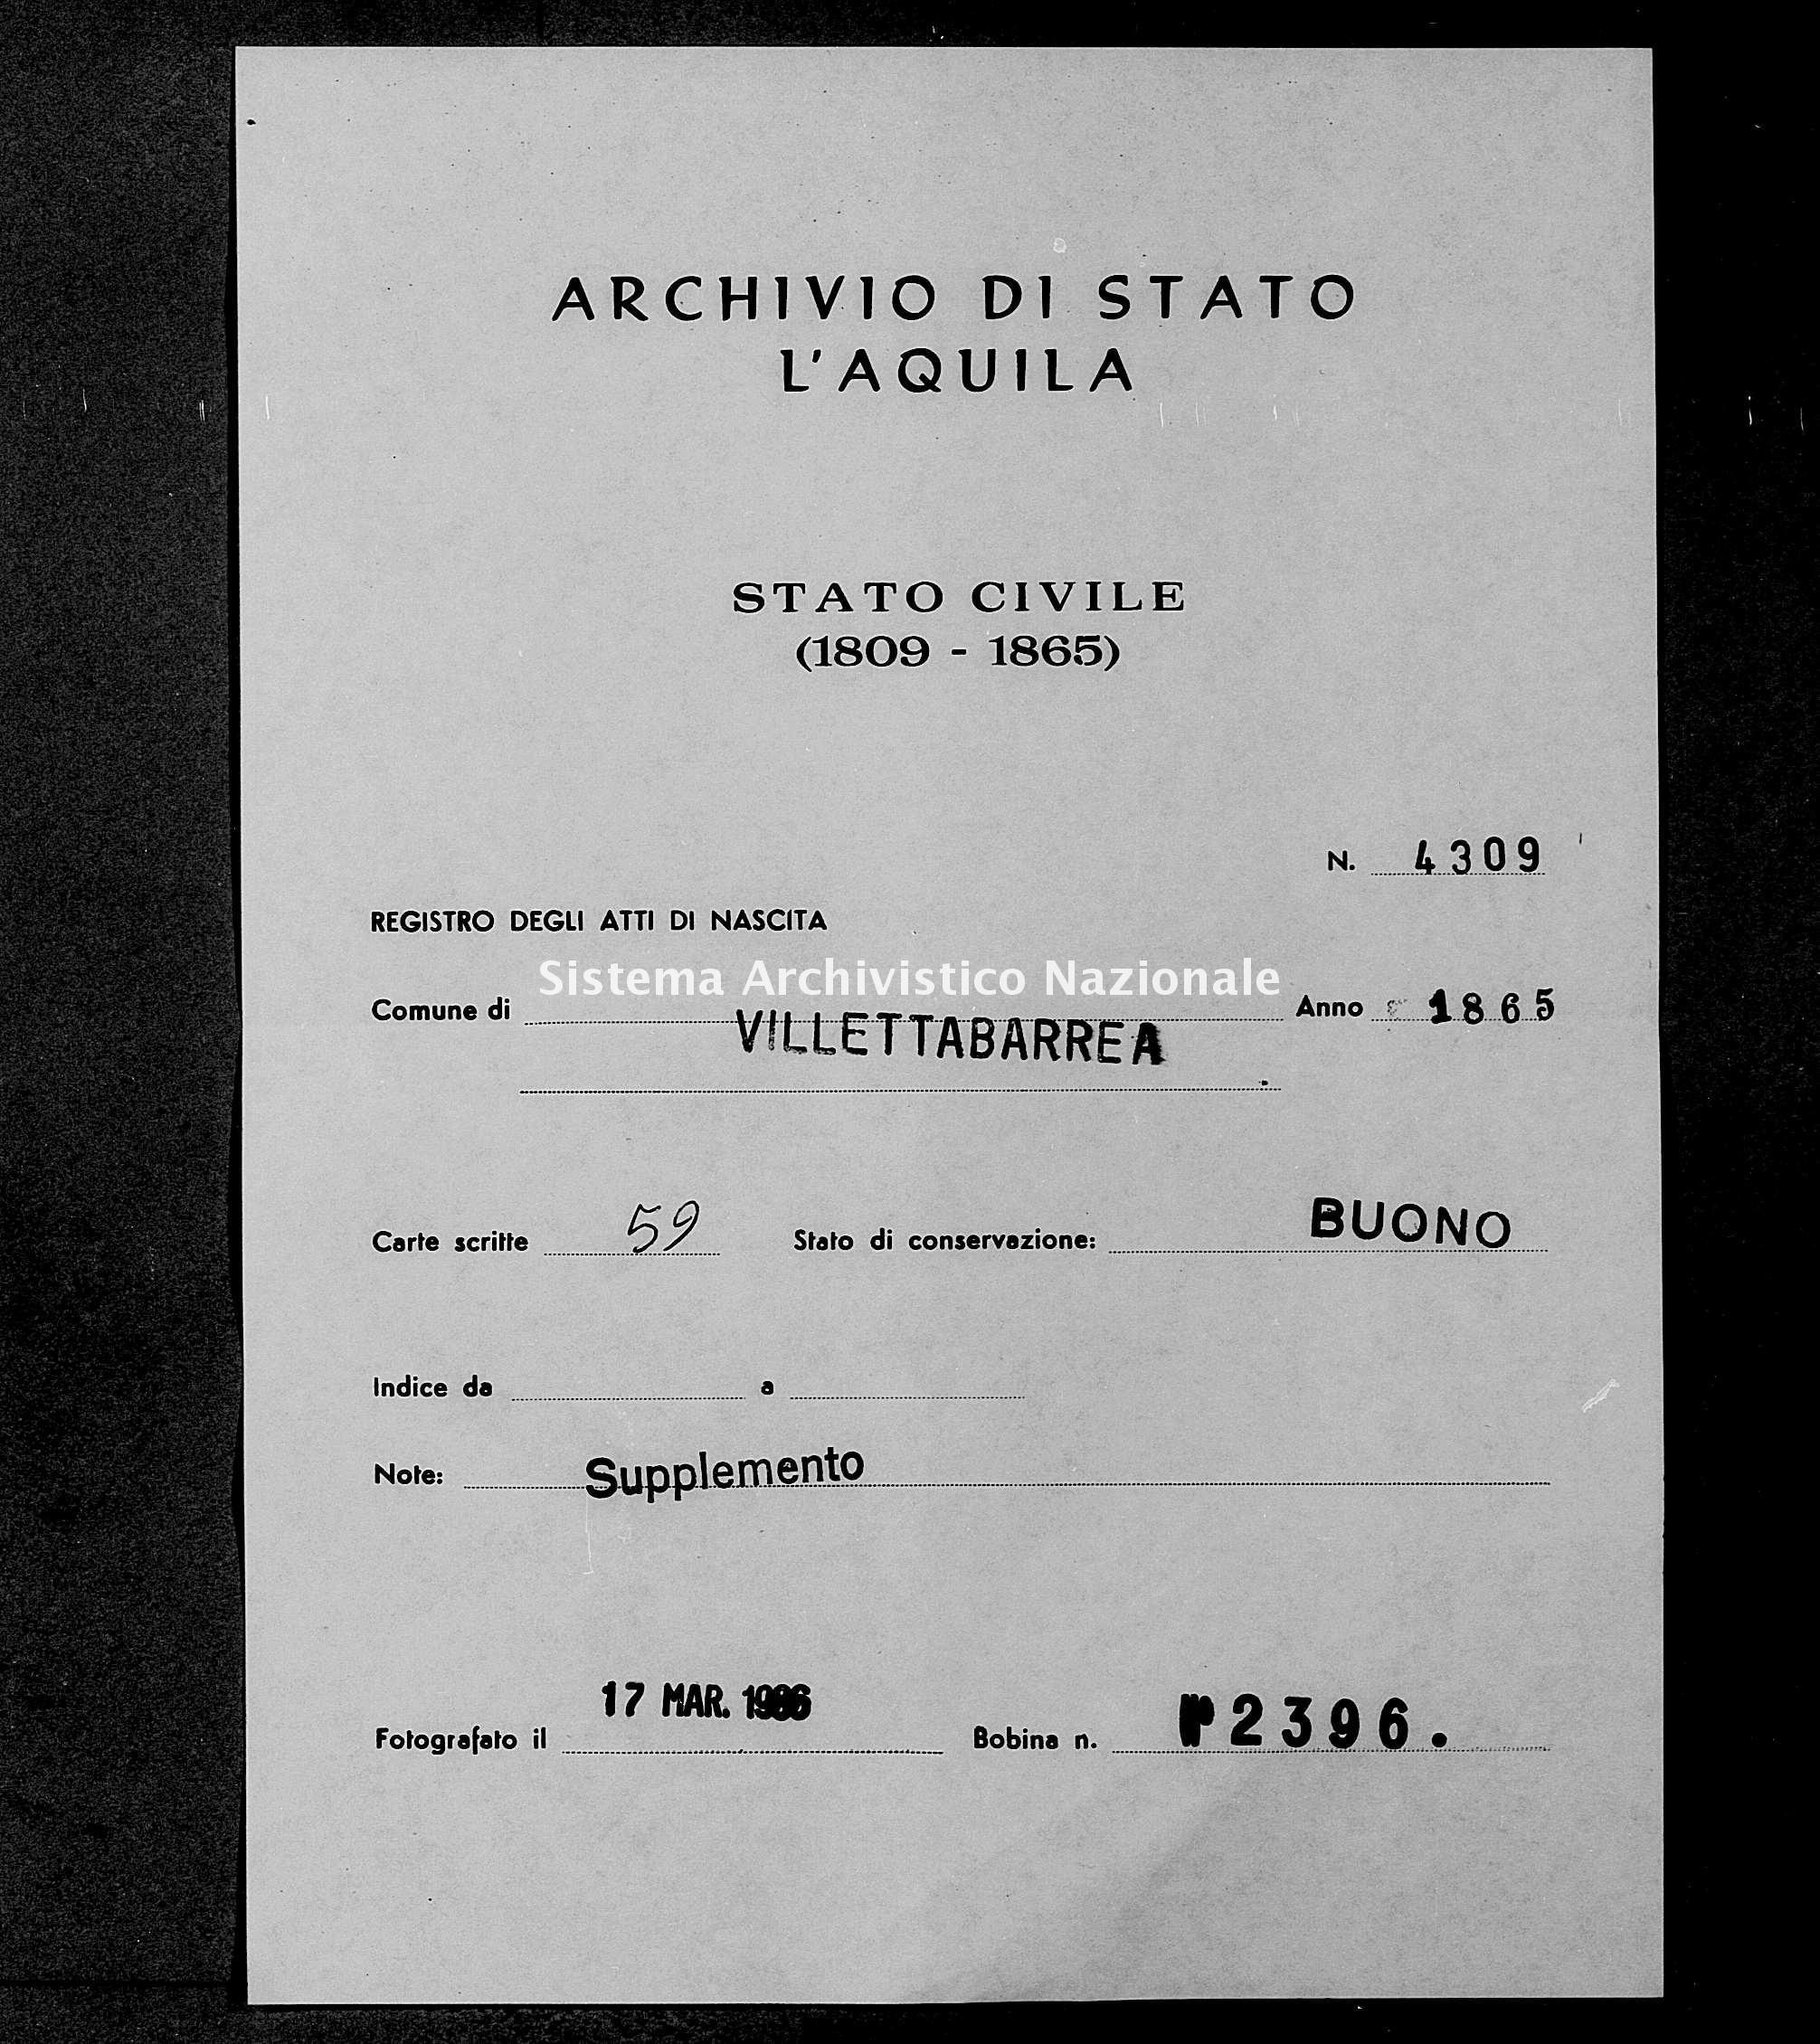 Archivio di stato di L'aquila - Stato civile italiano - Villetta Barrea - Nati, battesimi - 1865 - 4309 -